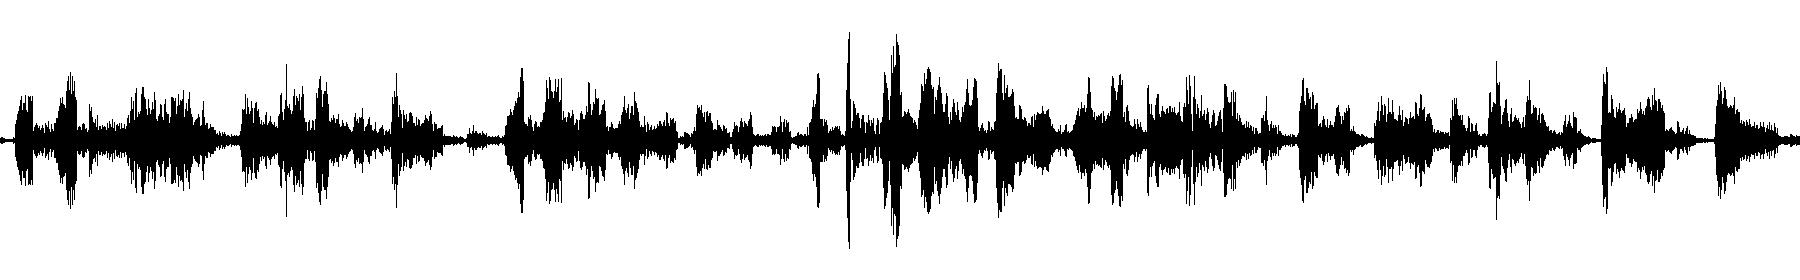 glitch percussion 2